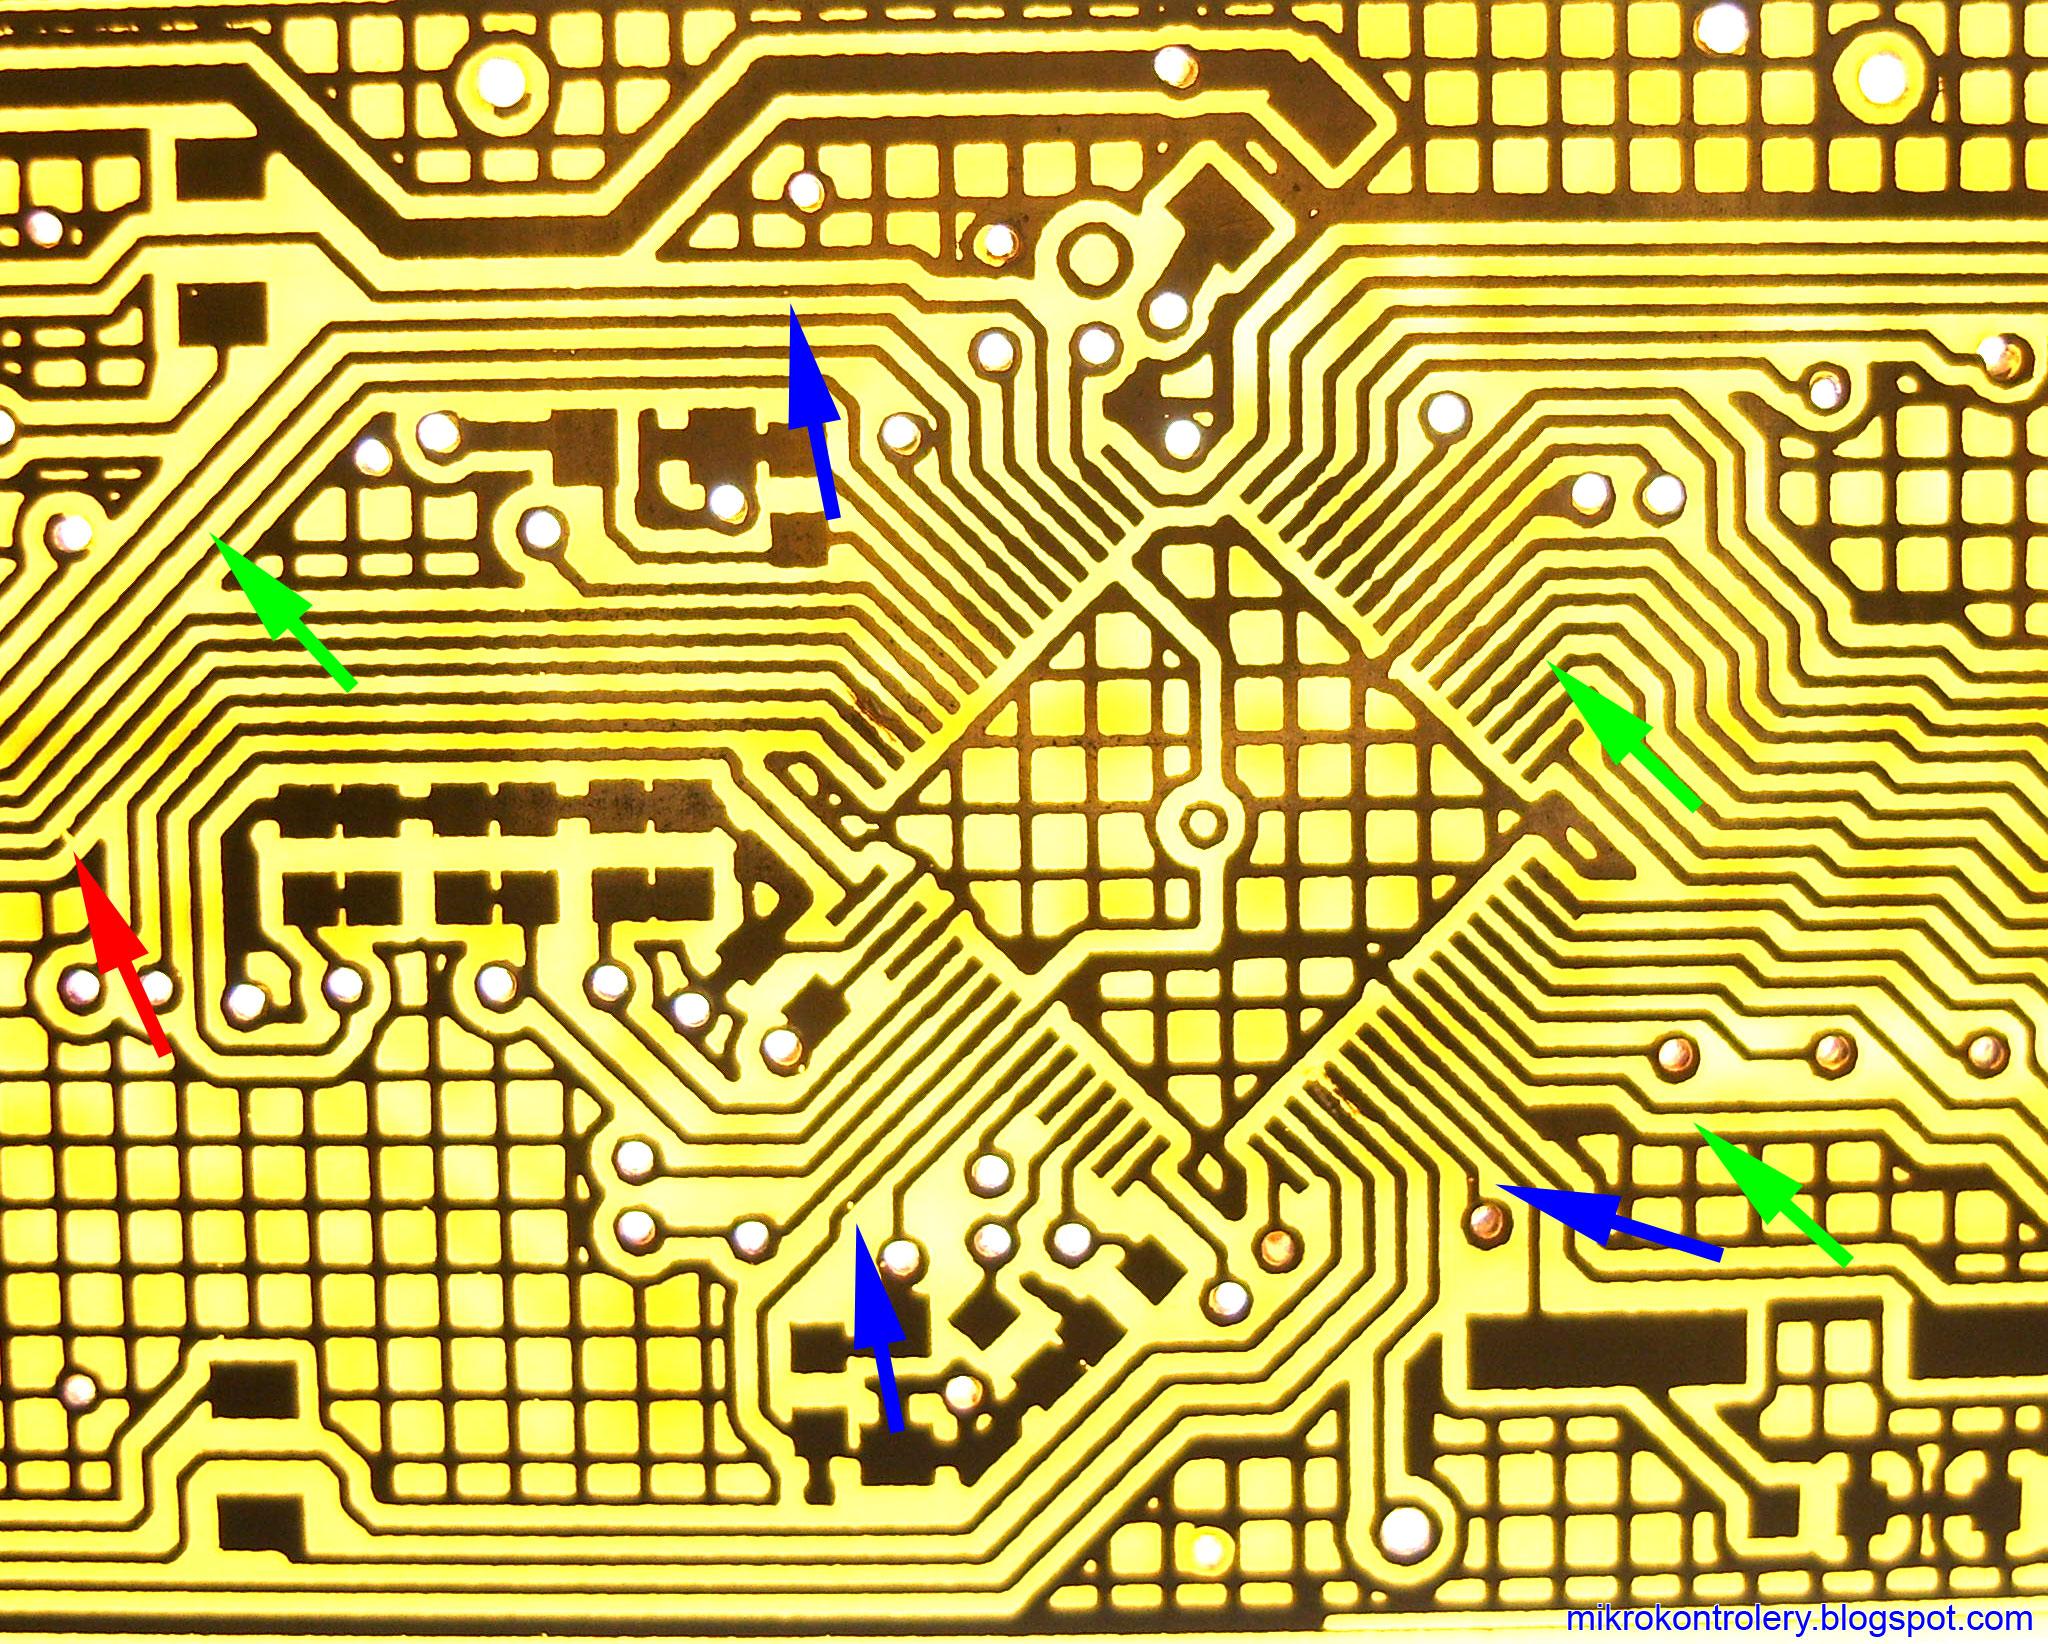 Płytka PCB po procesie cynowania chemicznego - zaznaczone problemy.